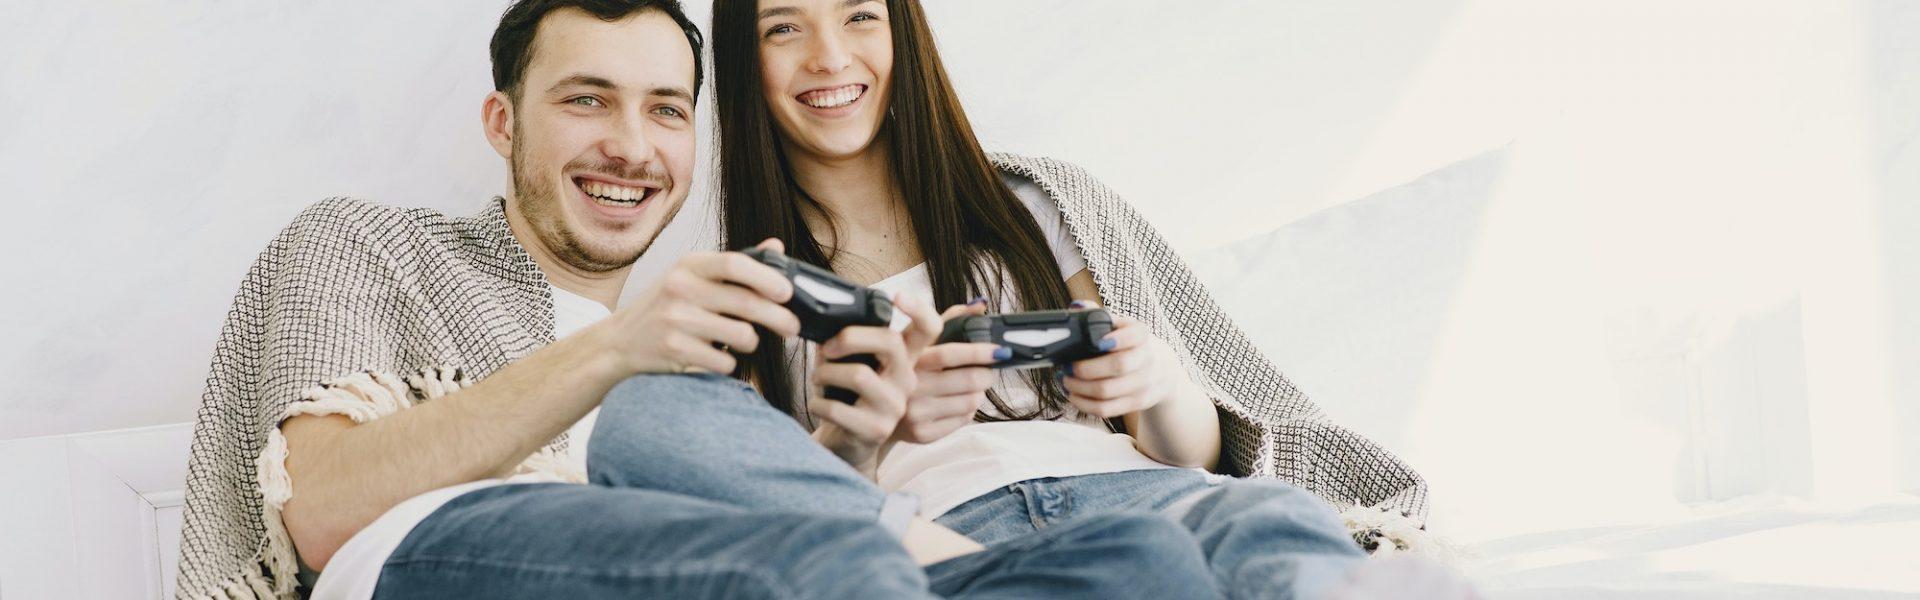 PlayStation 5 - sprawdź, co już o nim wiadomo